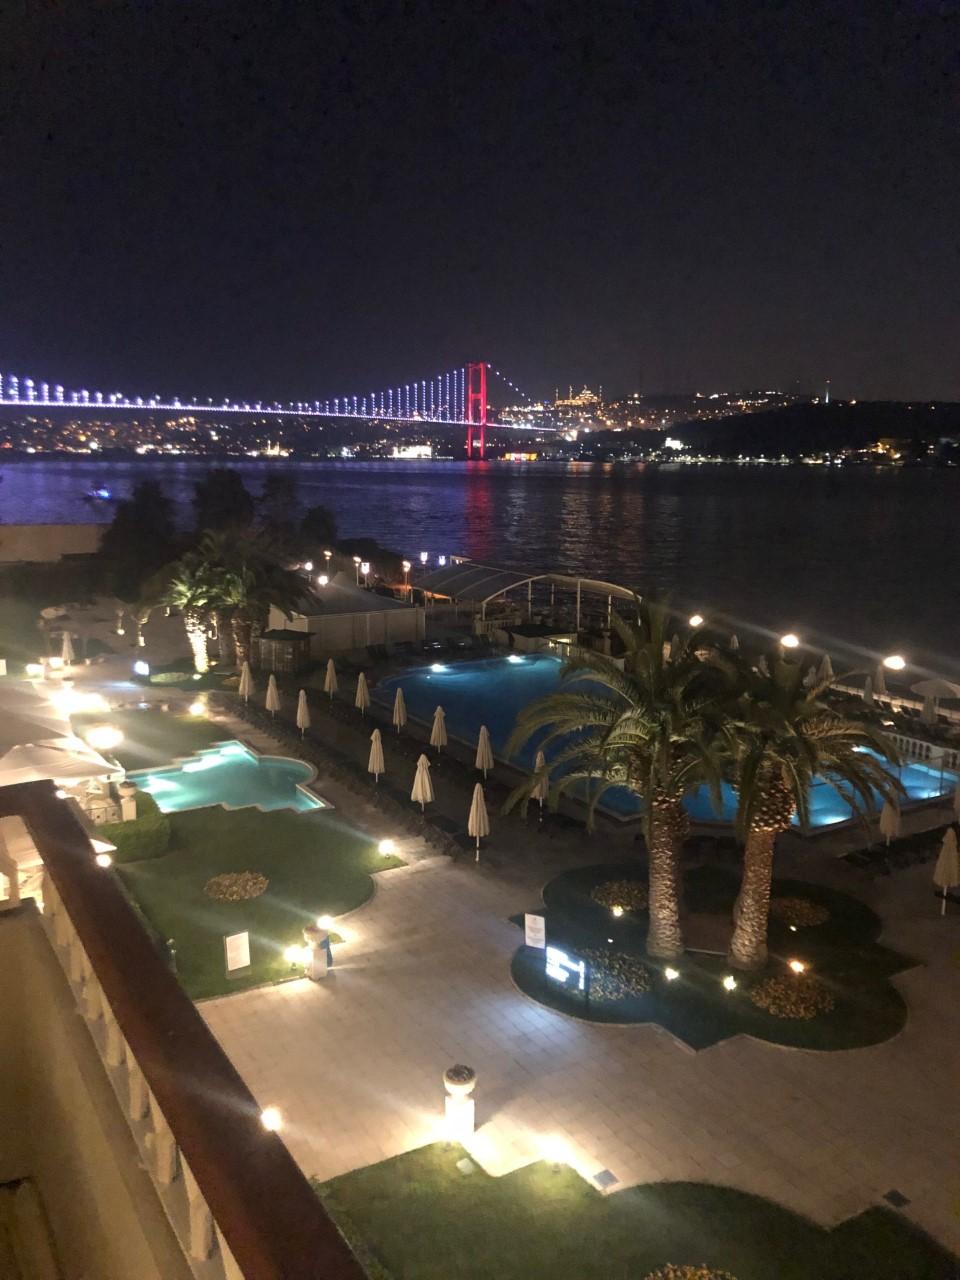 ciragan4 - Ciragan Palace Kempinski Istanbul